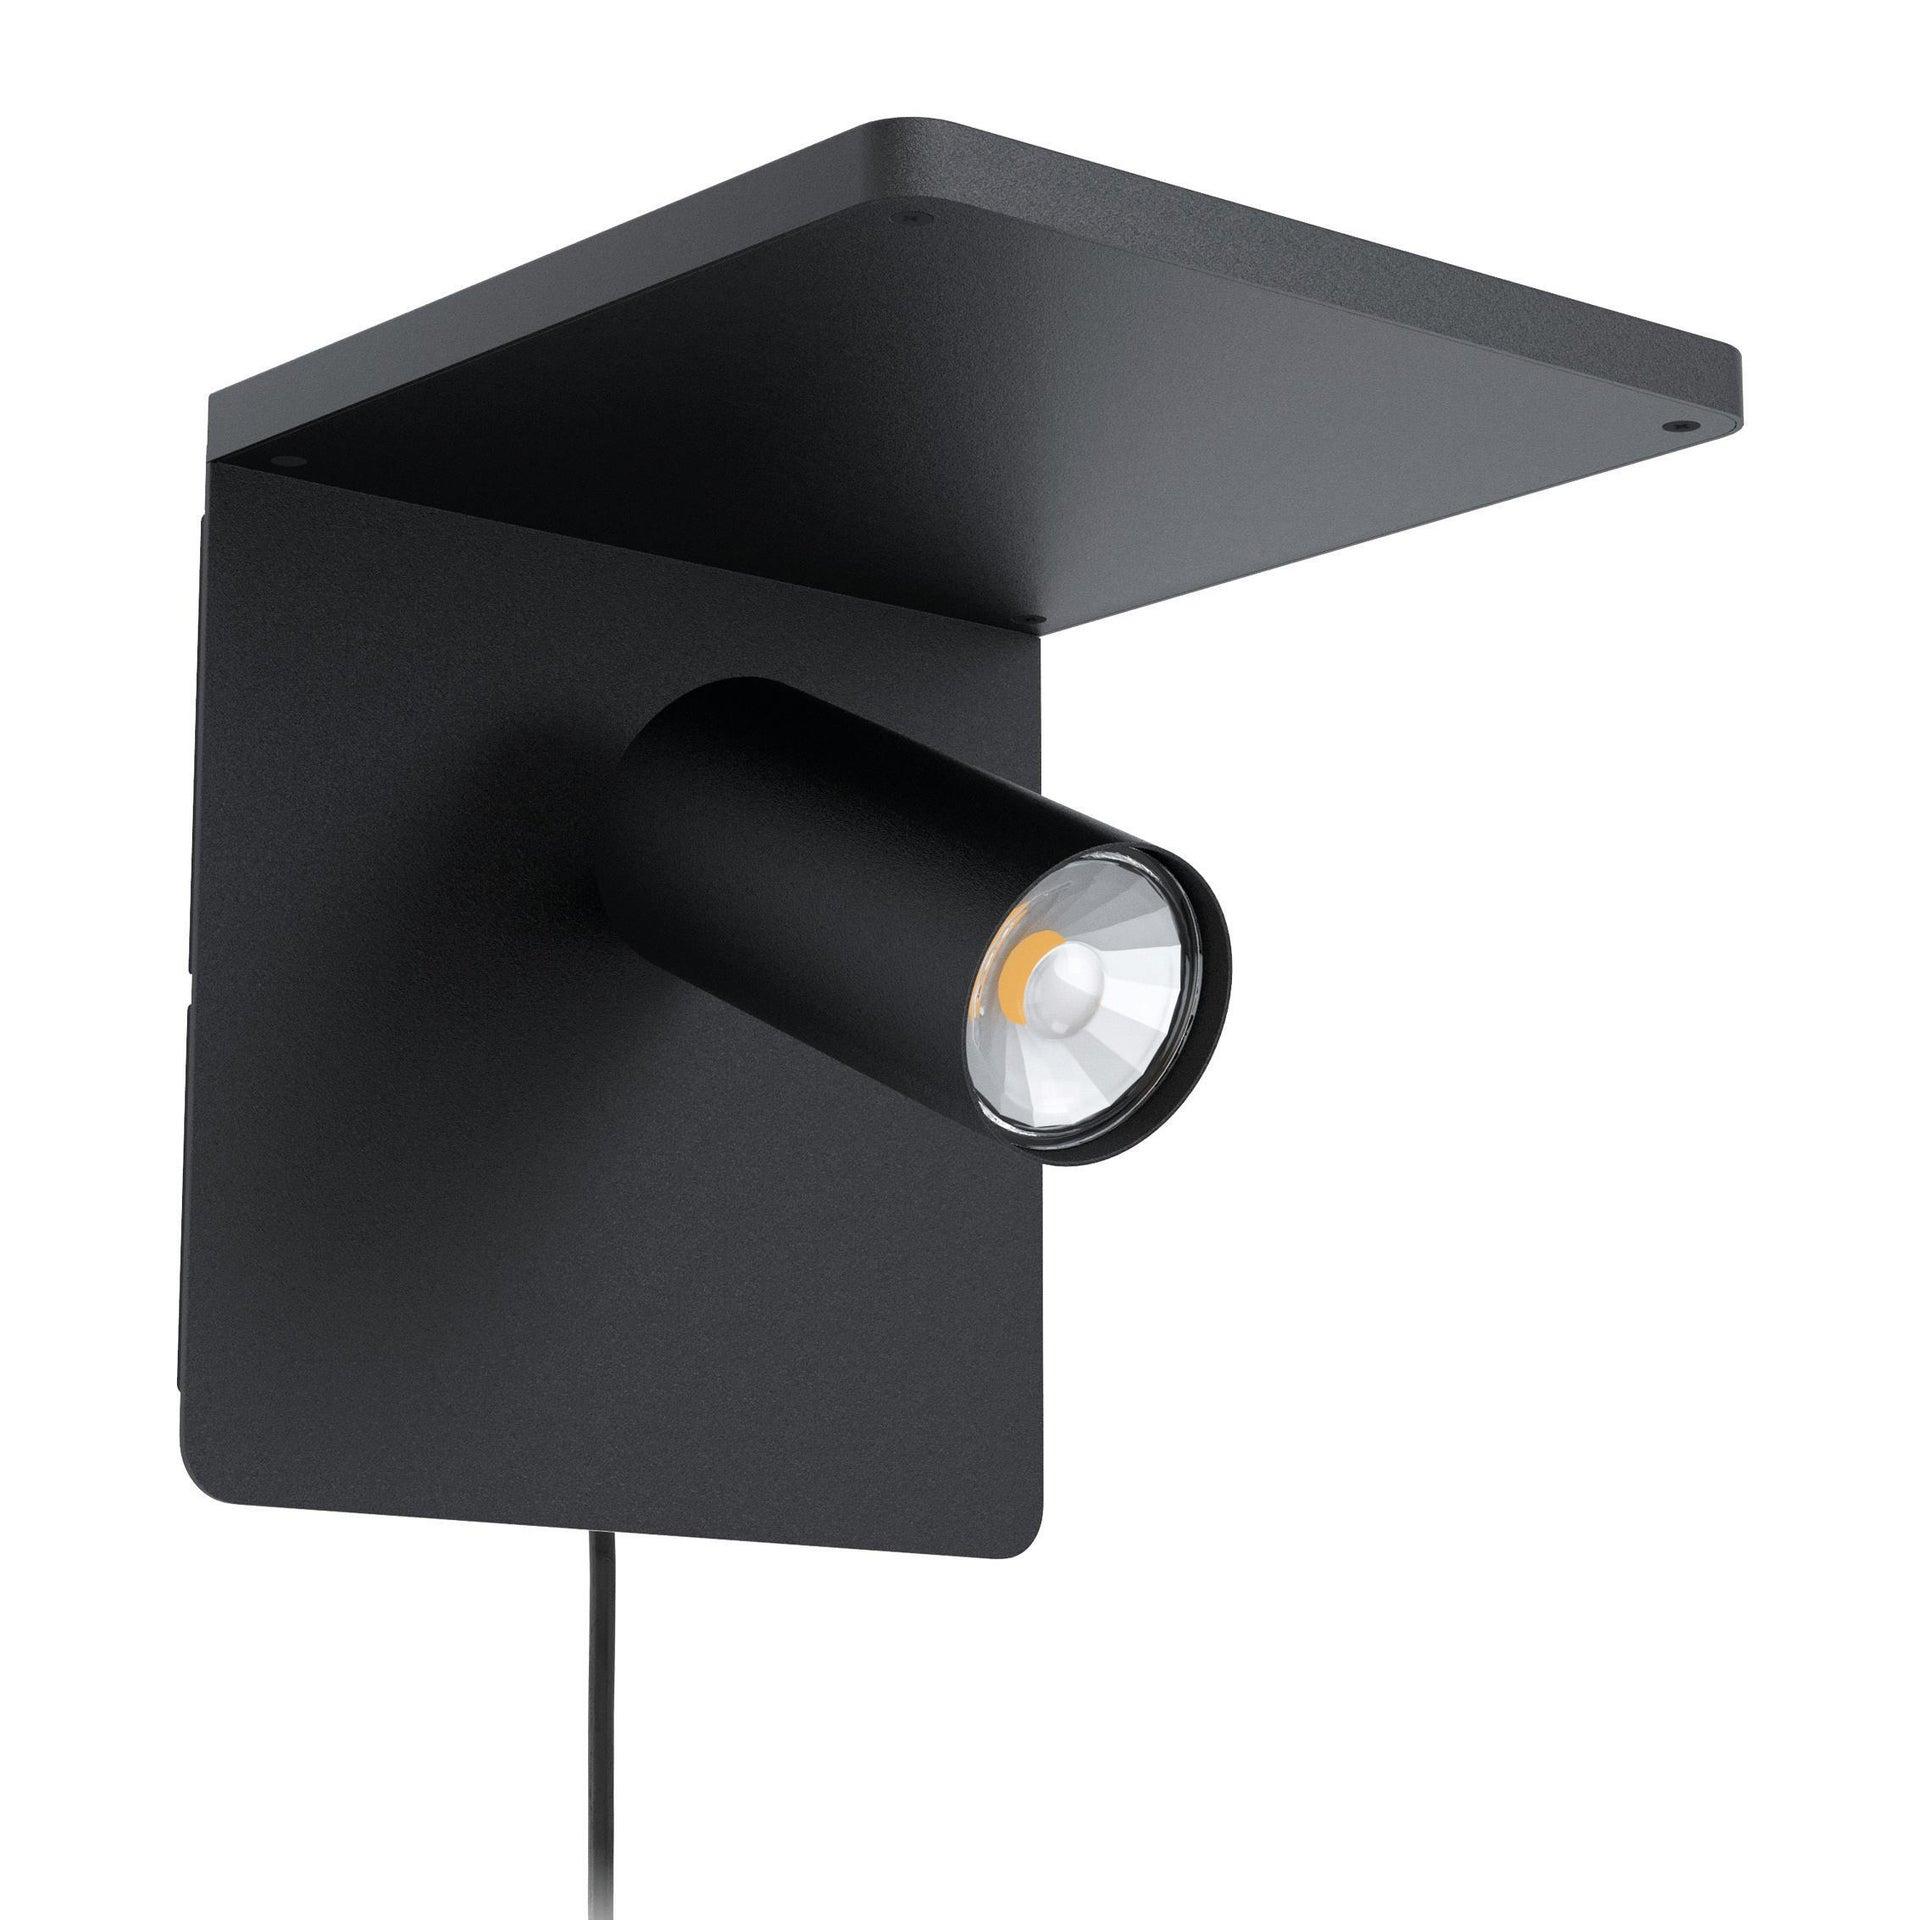 Applique design CIGLIE nero, in metallo, 18 cm, EGLO - 1